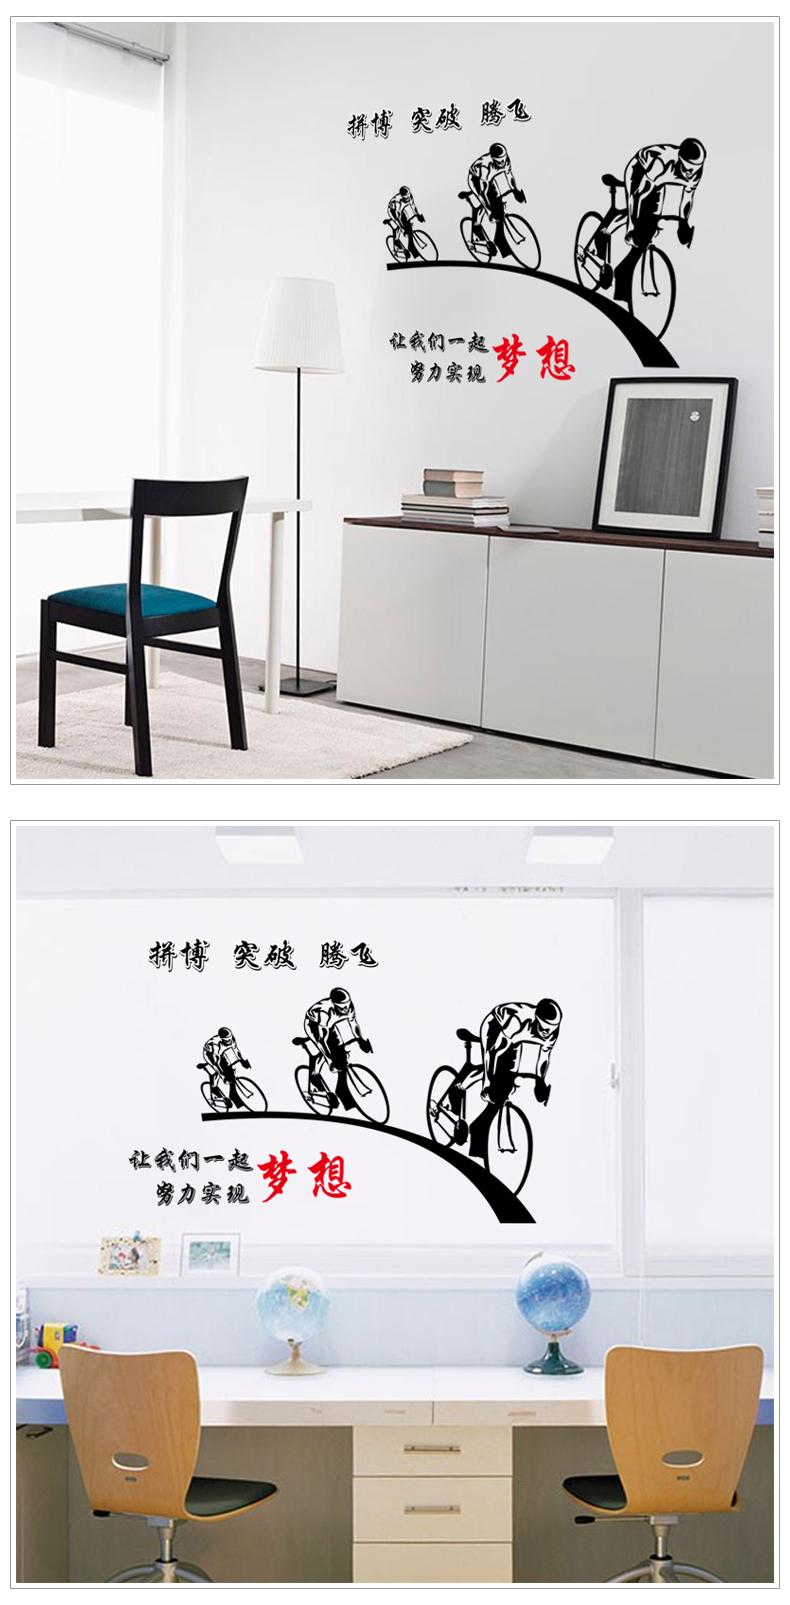 米基卡罗 梦想 励志贴墙贴纸办公室班级教室布置背景公司企业文化墙图片